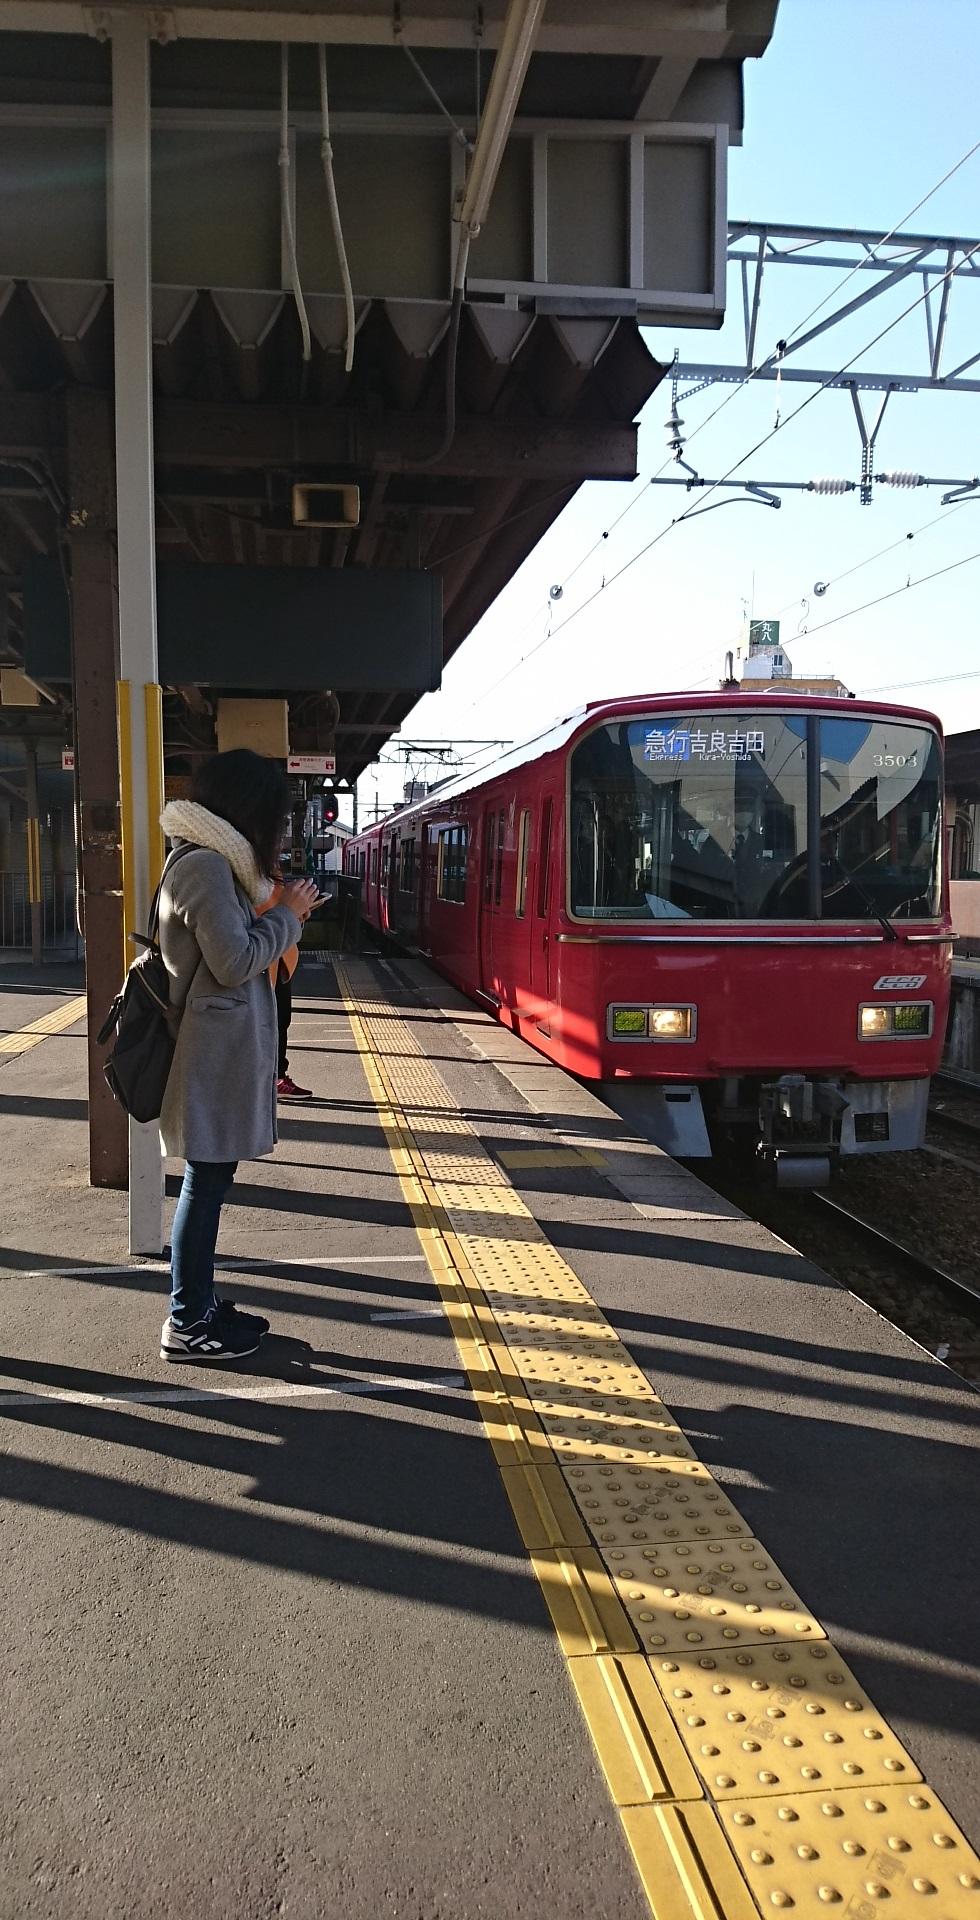 2018.2.23 東岡崎 (24) しんあんじょう - 吉良吉田いき急行 980-1920